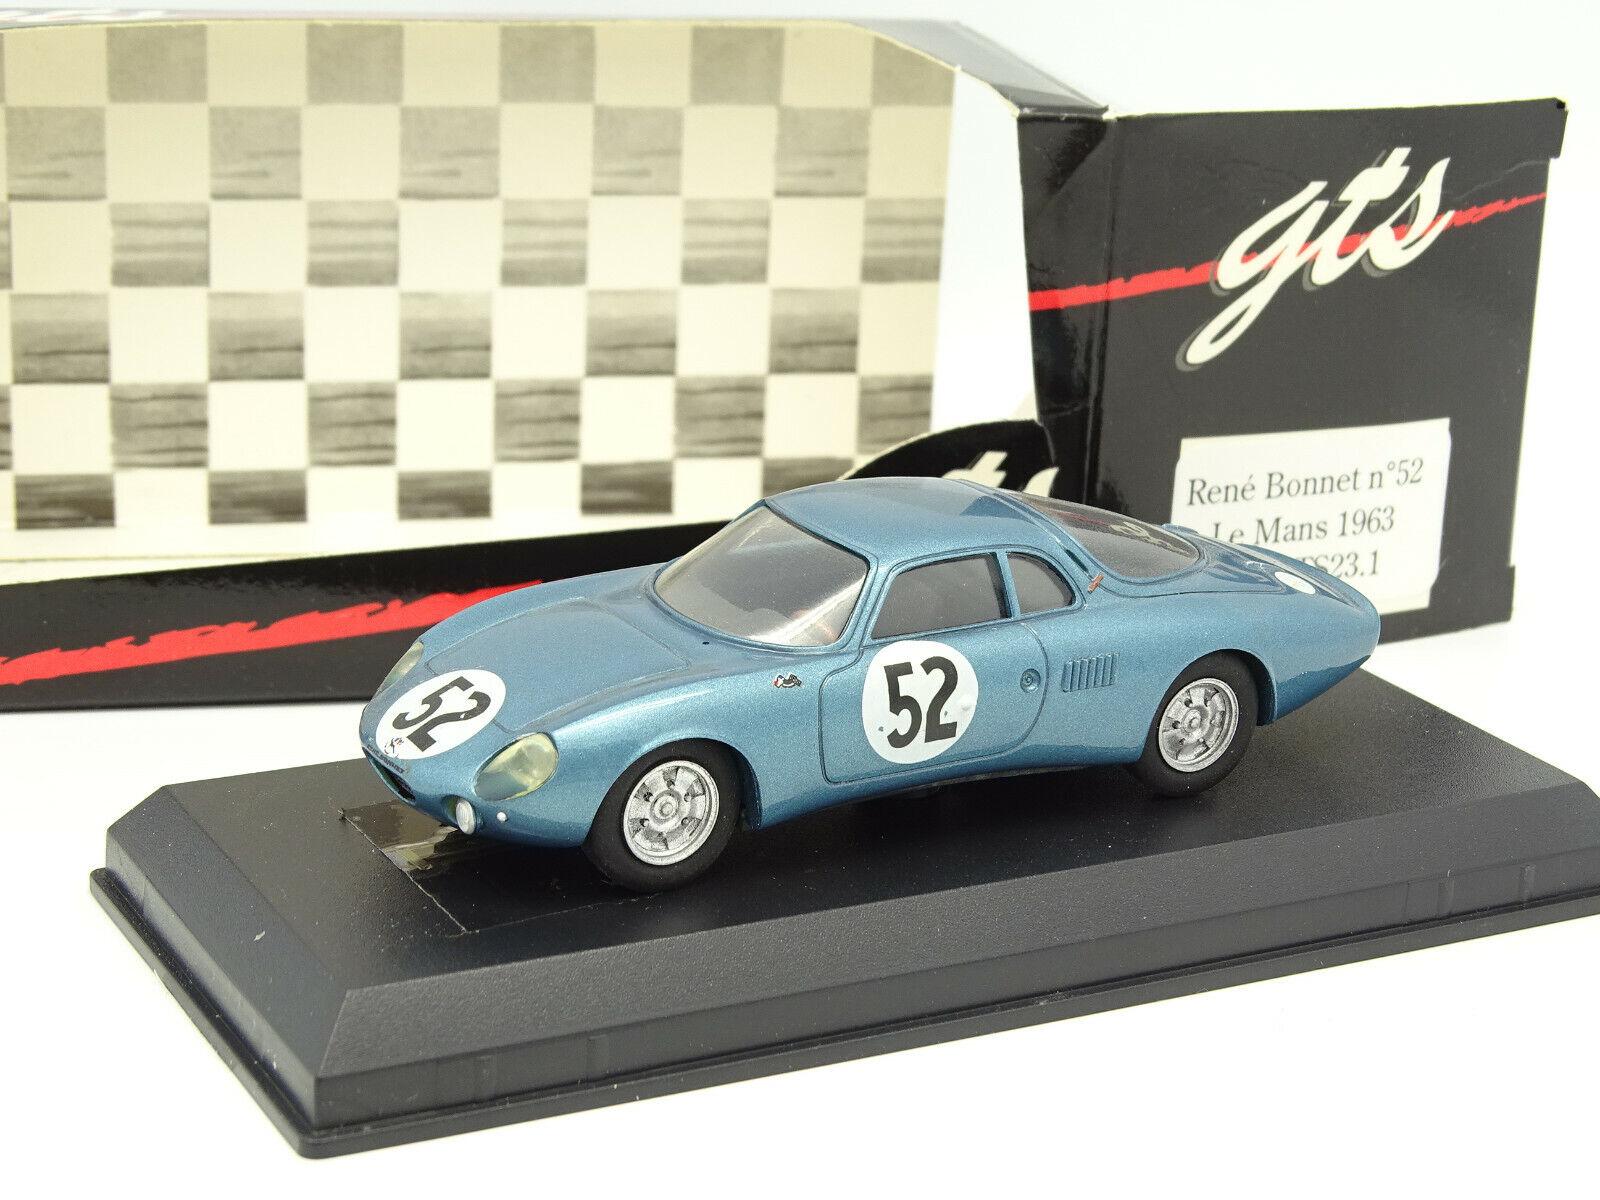 GTS 1 43 - Rene Bonnet Le Mans 1963 N°52